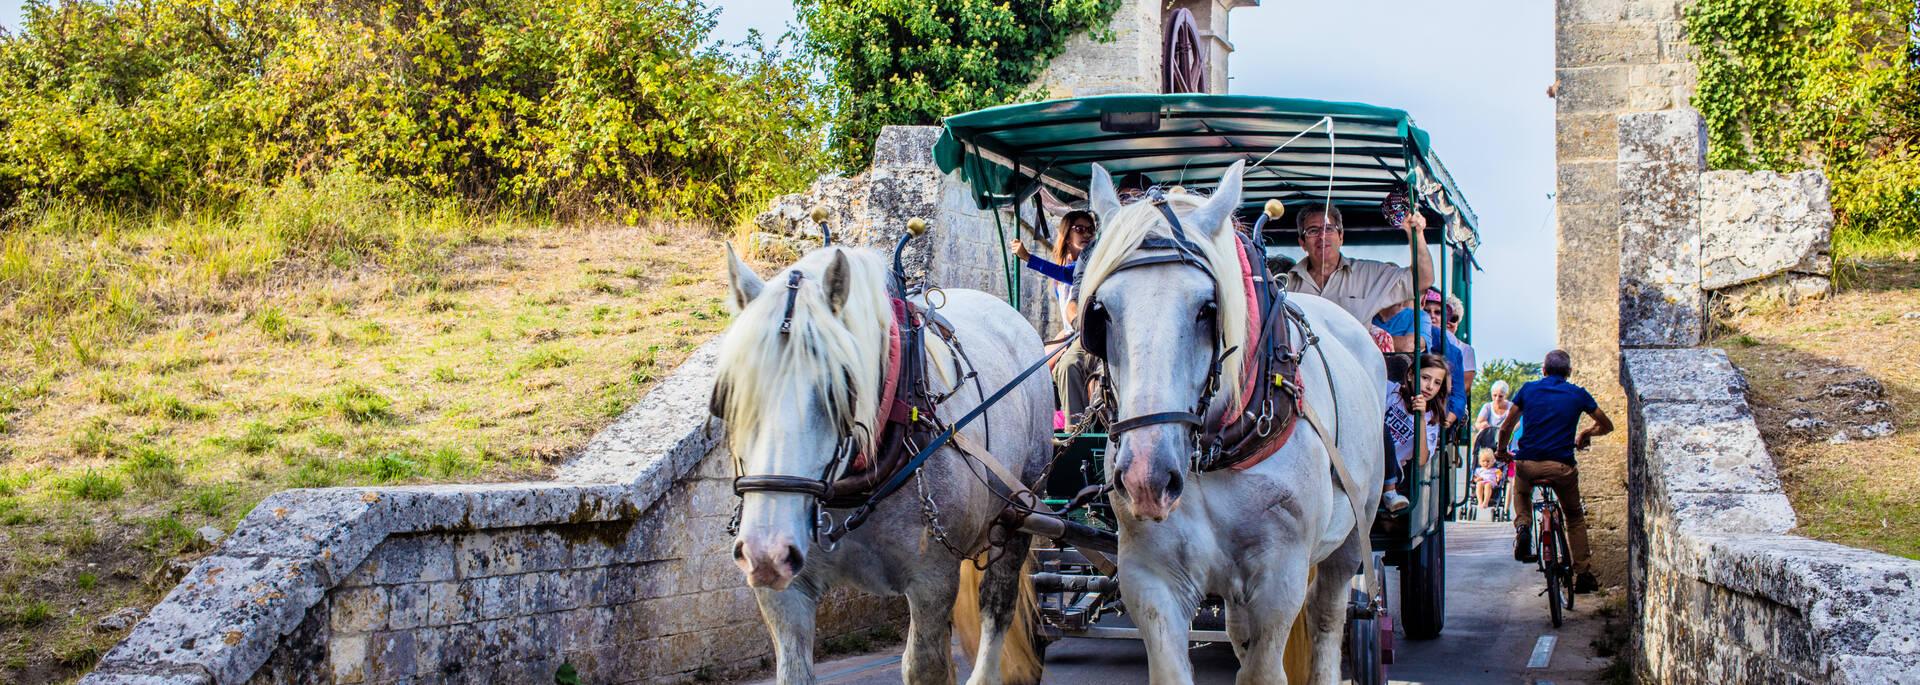 Visite commentée de l'île d'Aix en calèche - © Images & Emotion